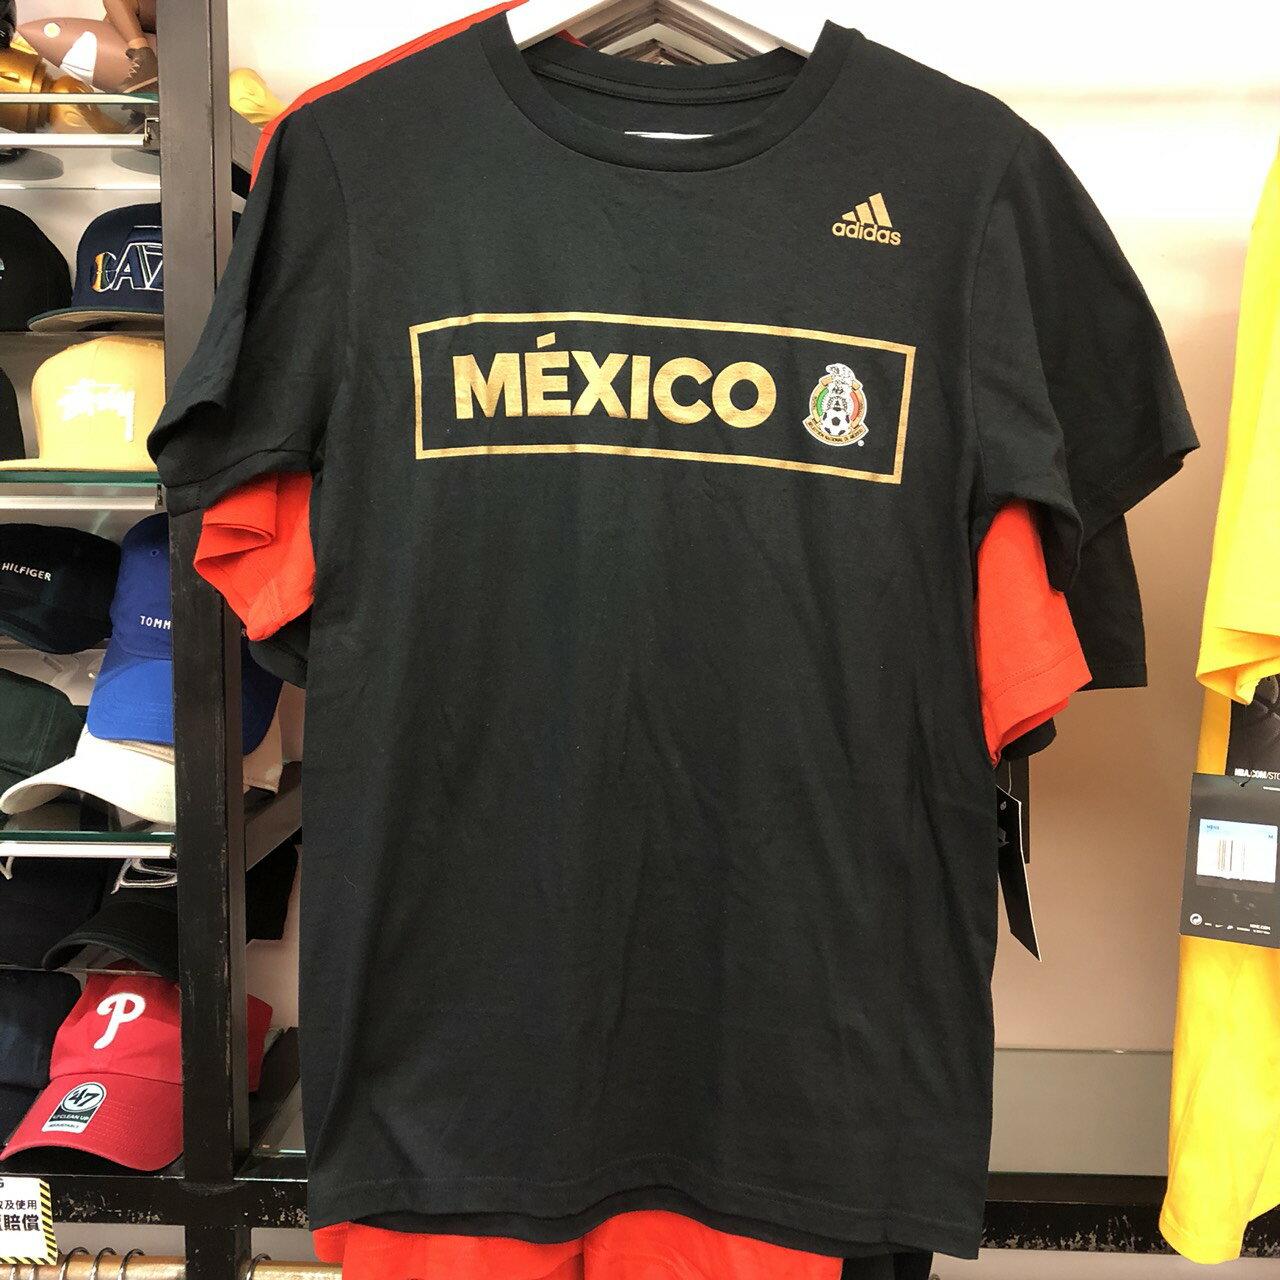 BEETLE ADIDAS MEXICO SELECCION NACIONAL 墨西哥 足球隊 短TEE 3720A S - 限時優惠好康折扣